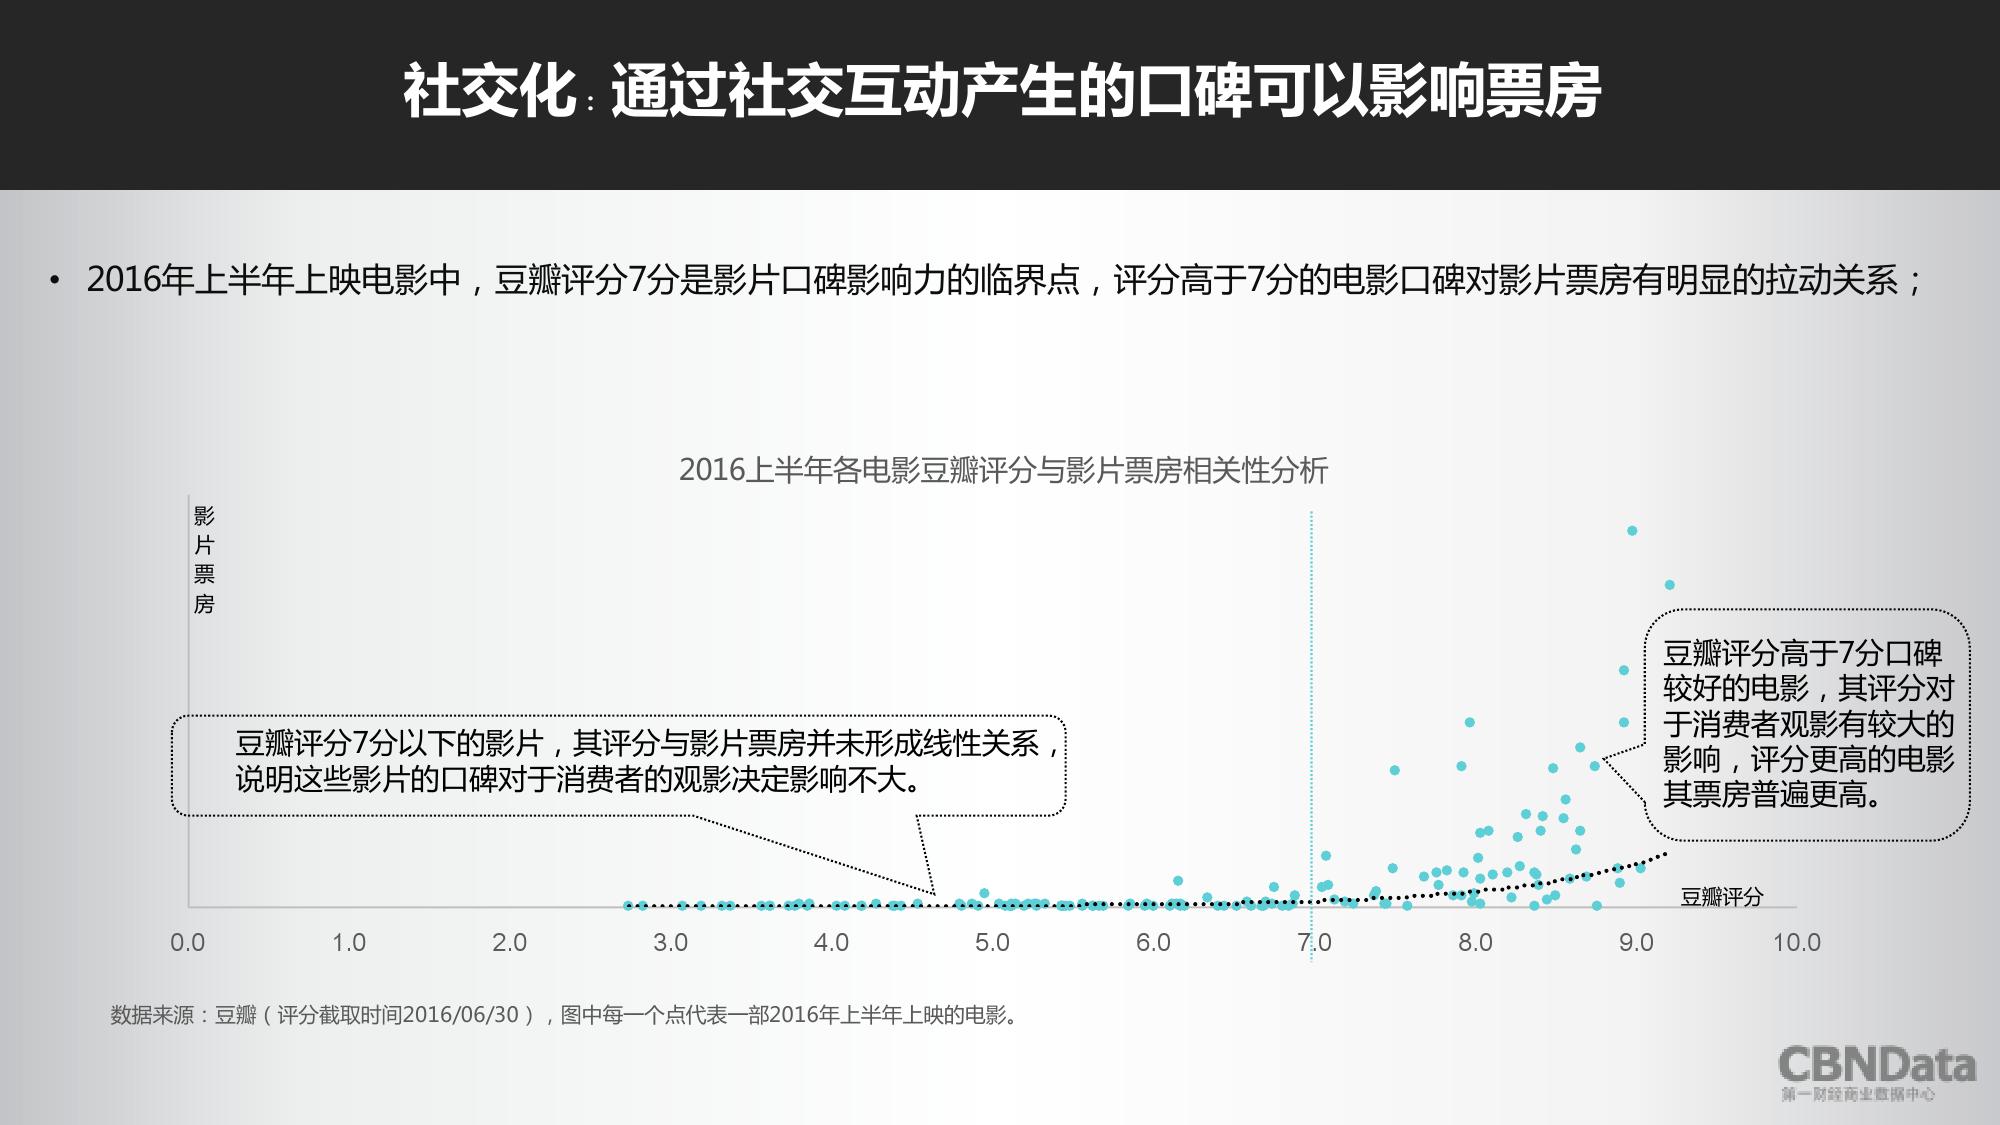 2016上半年中国在线票务平台大数据报告_000029